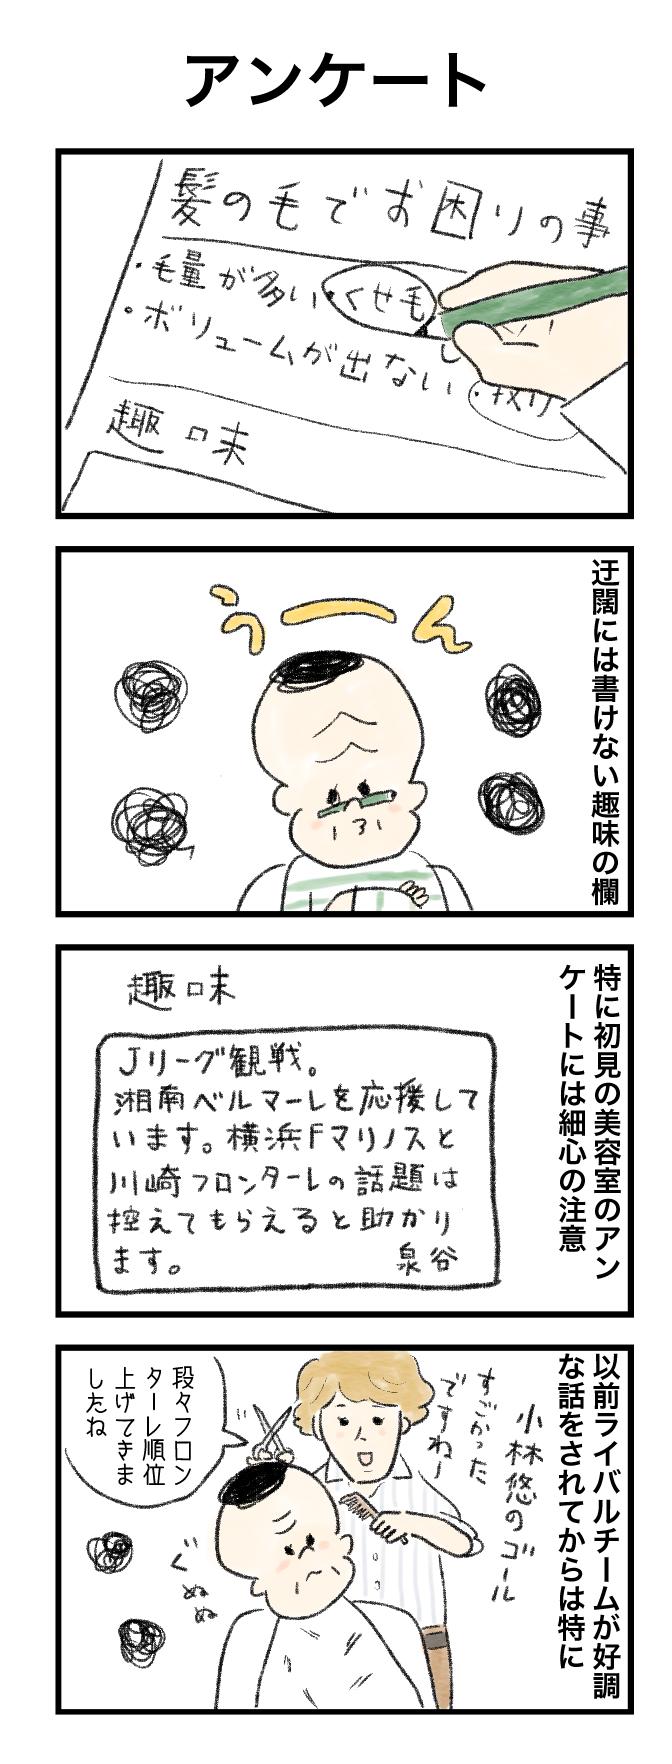 今日の泉谷さん【28】 作:カワサキヒロシ「アンケート」